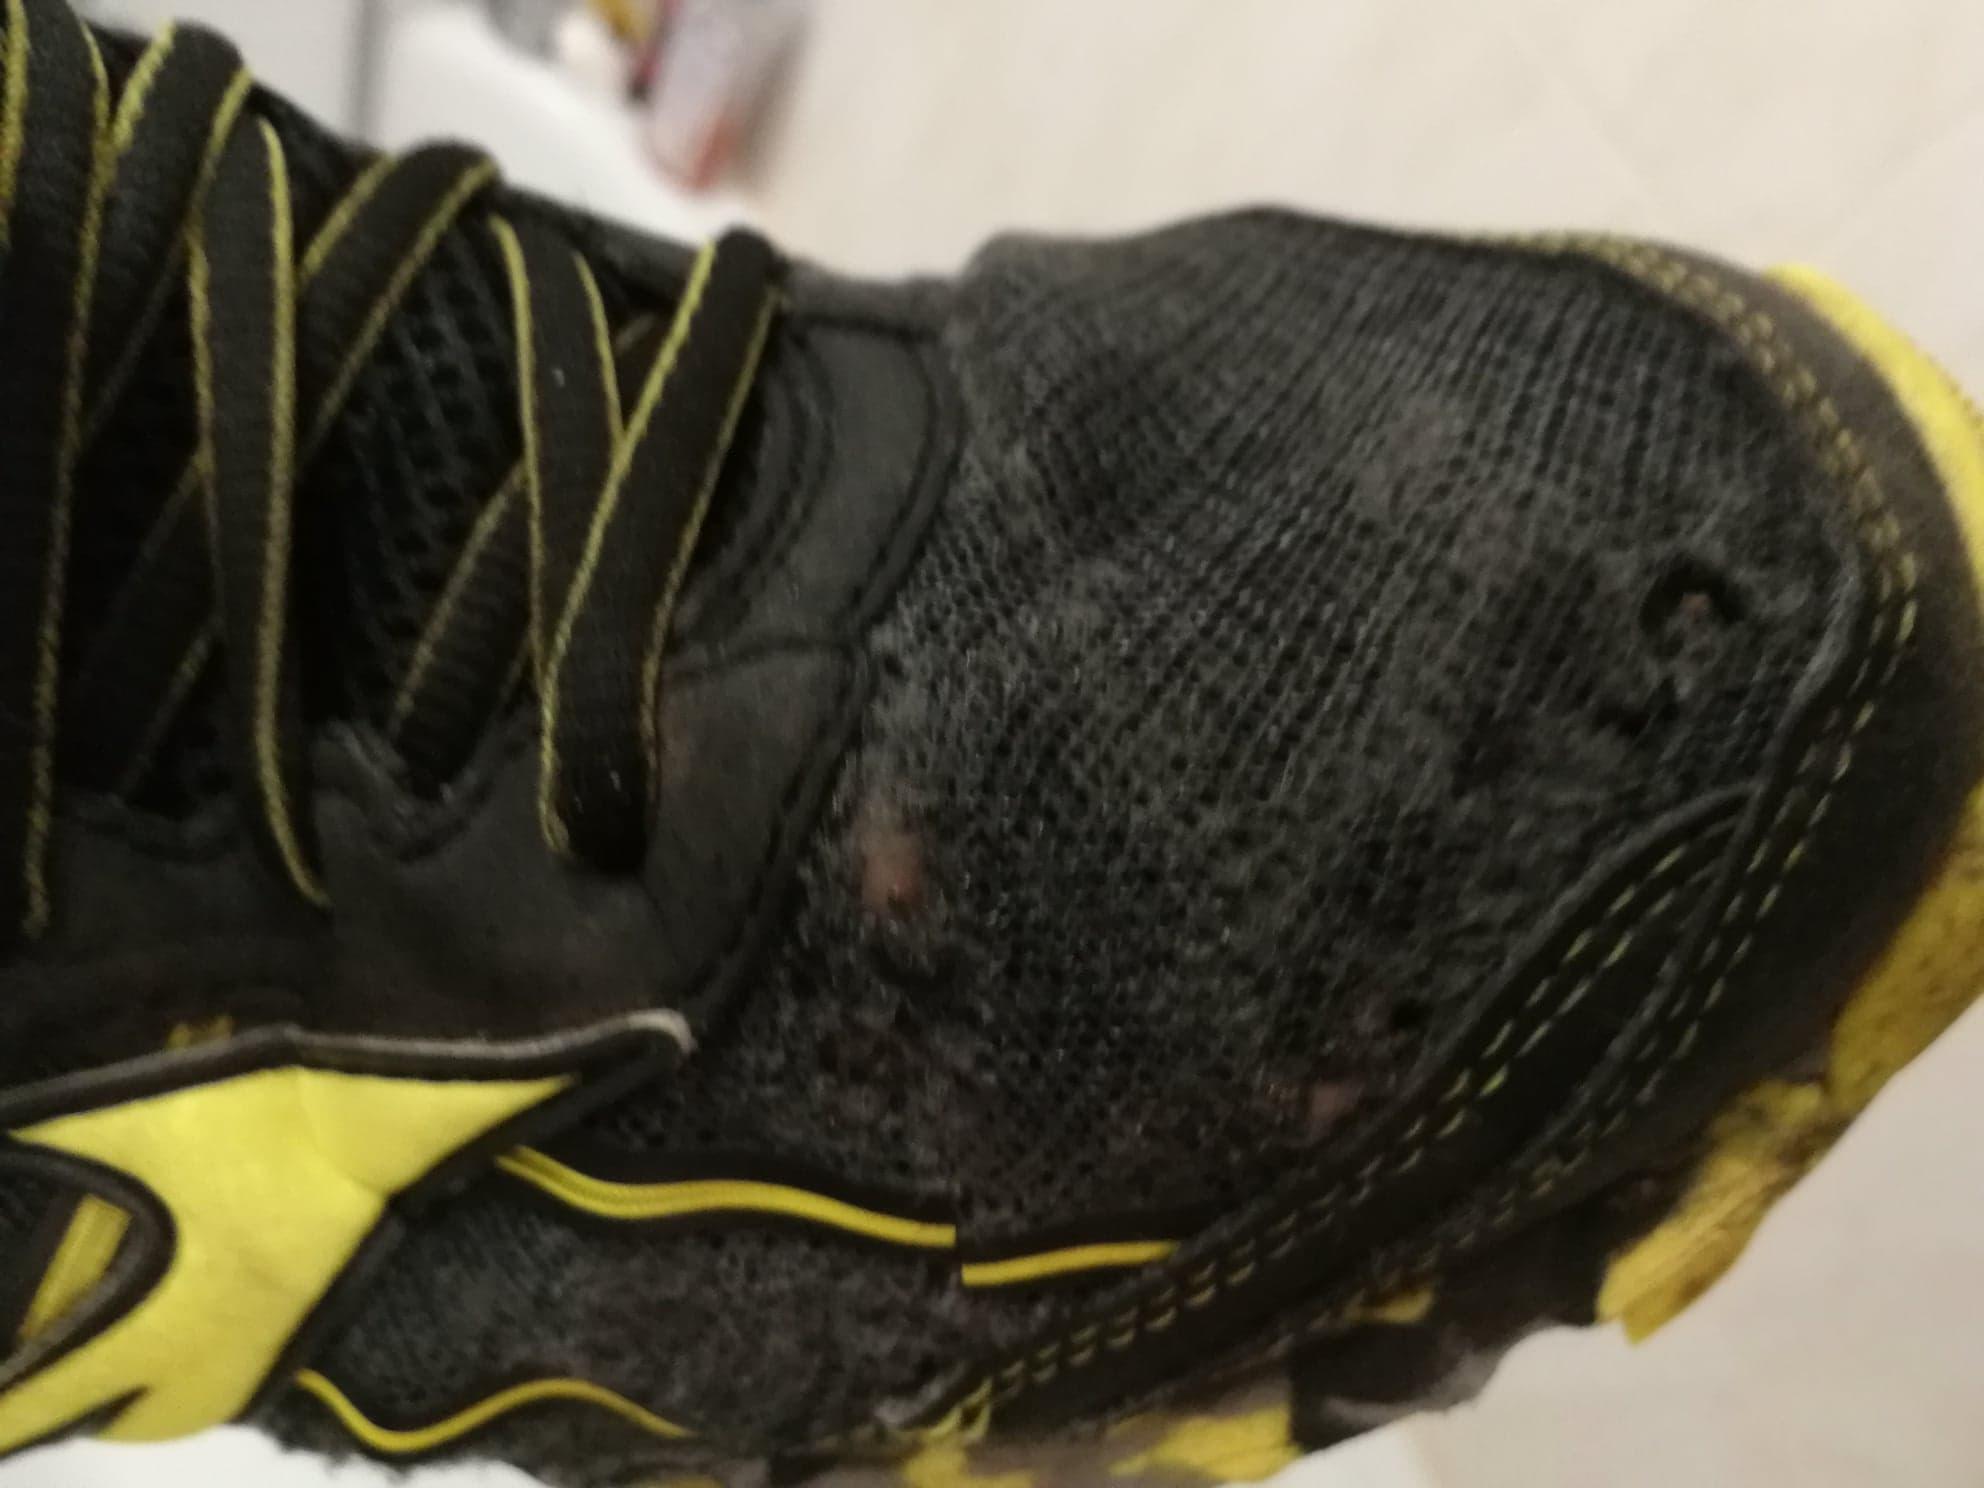 Po pół roku jeden z butów wyglądał tak...